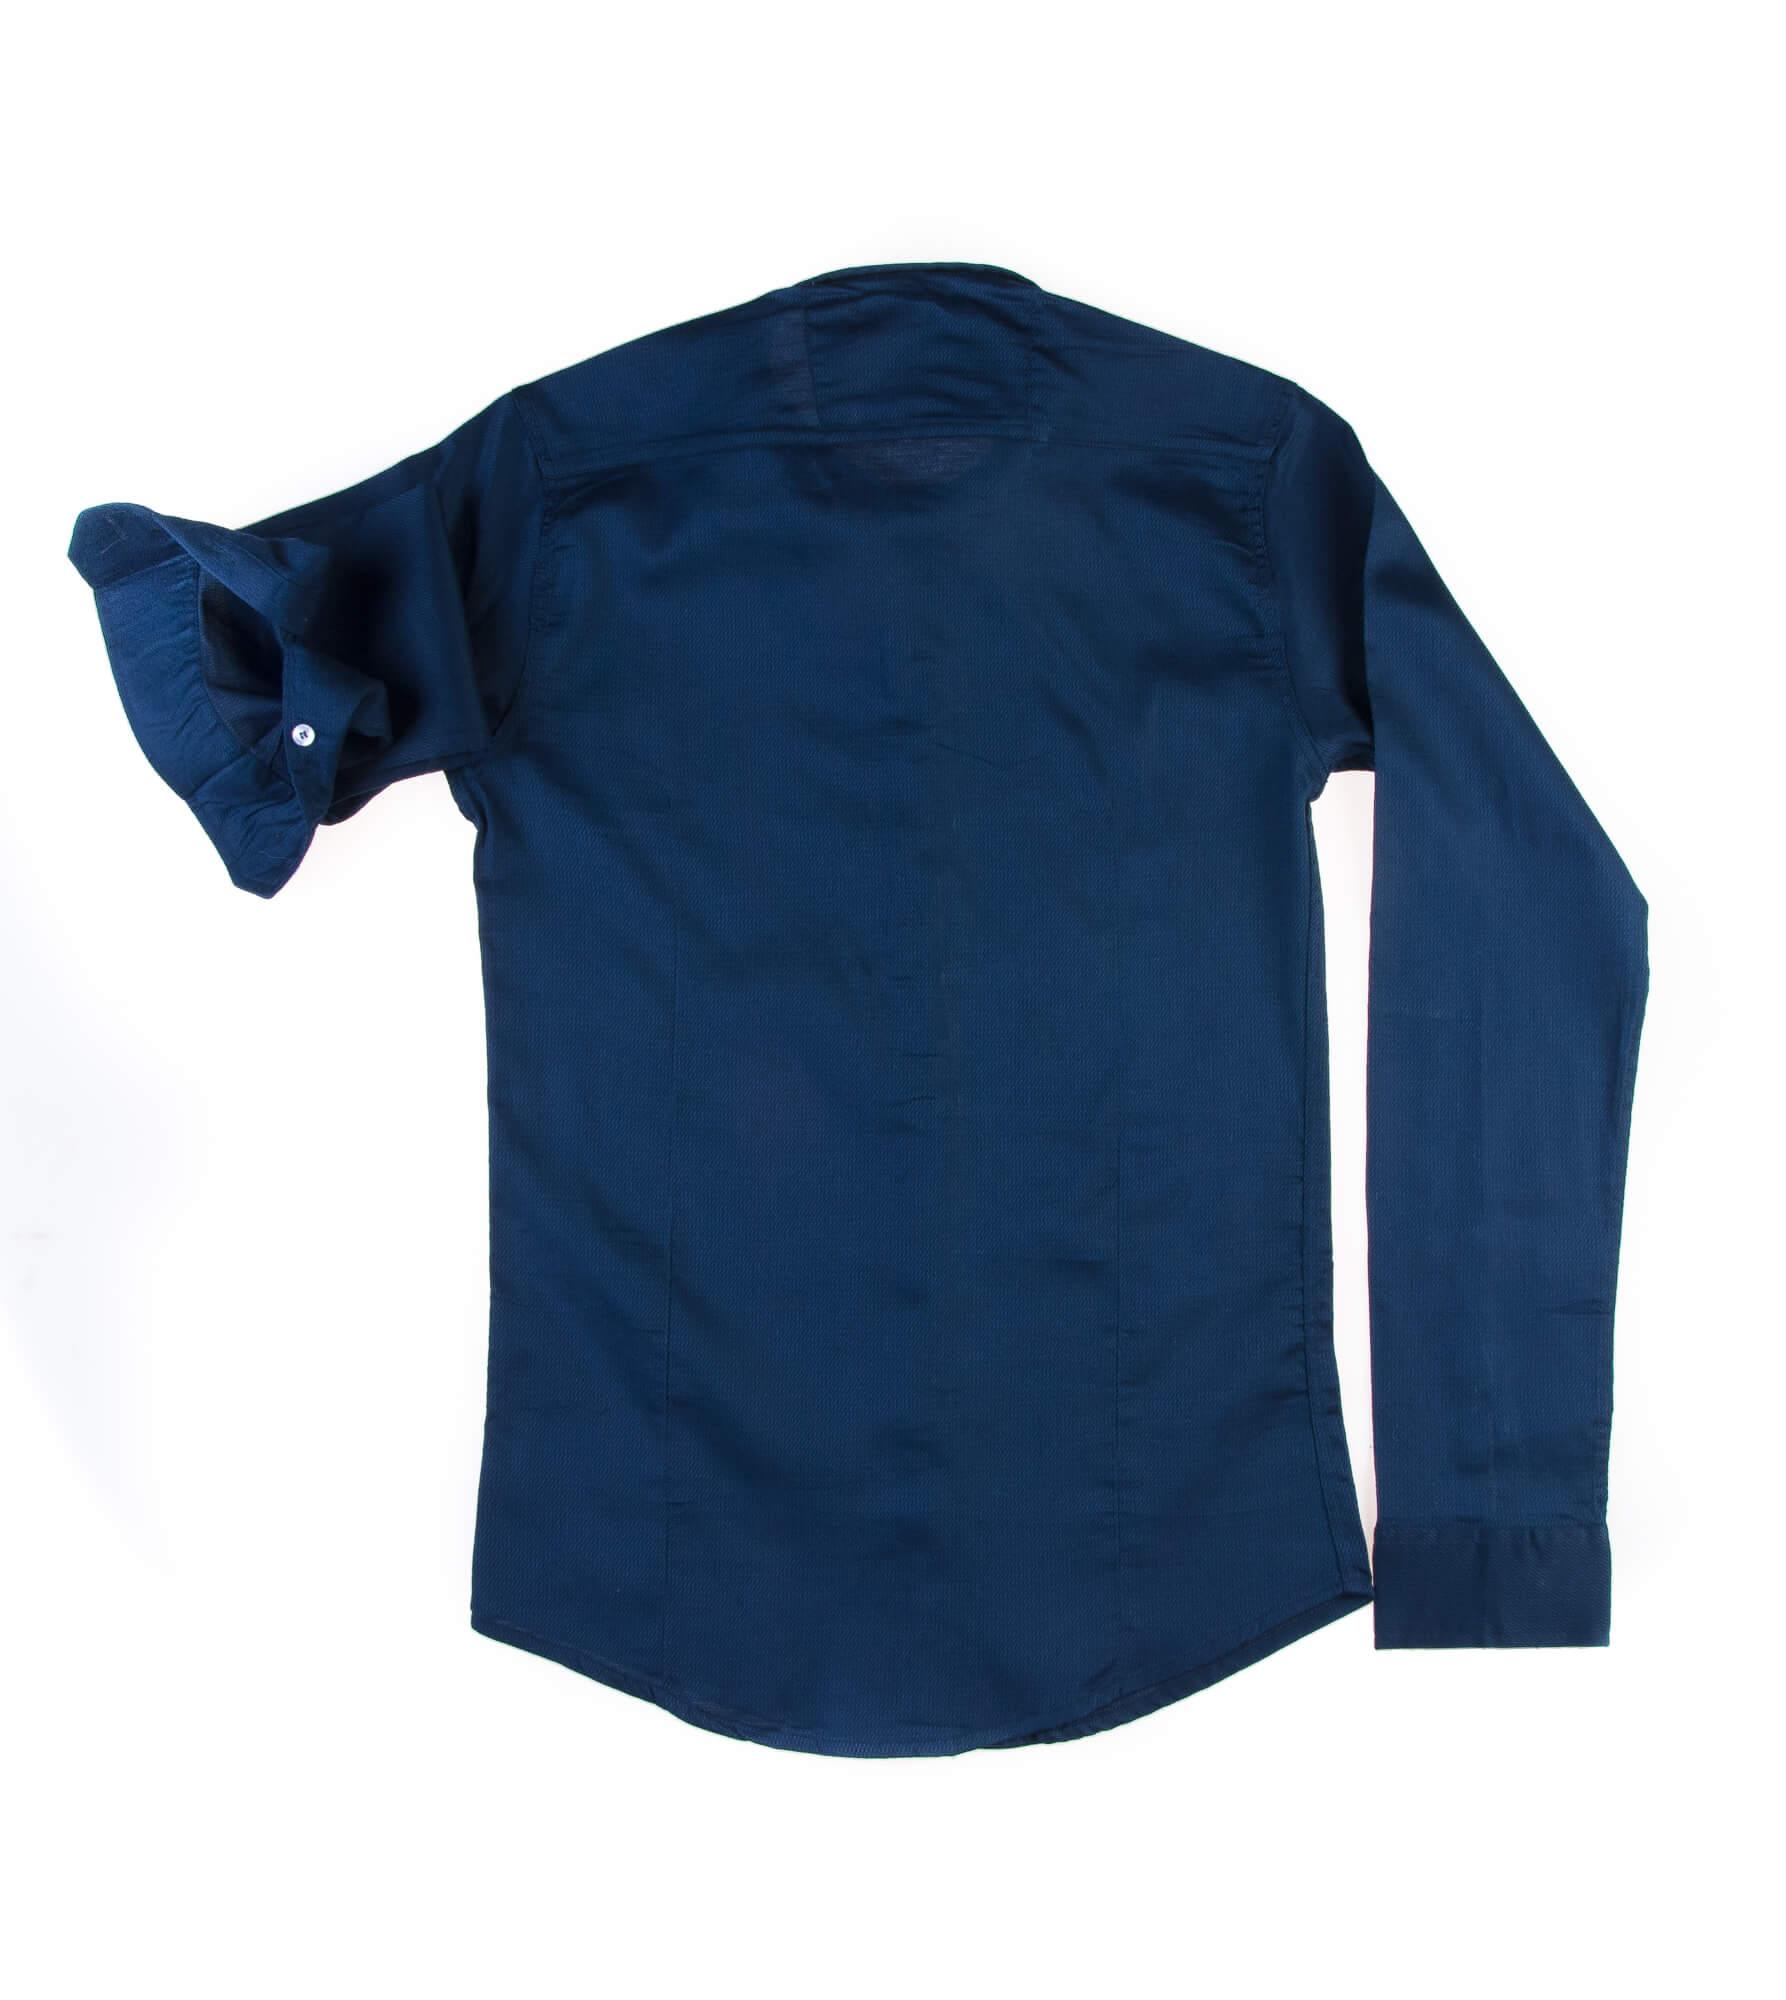 پیراهن ساده مردانه سورمه ای P1012- MASSIMO DUTTI